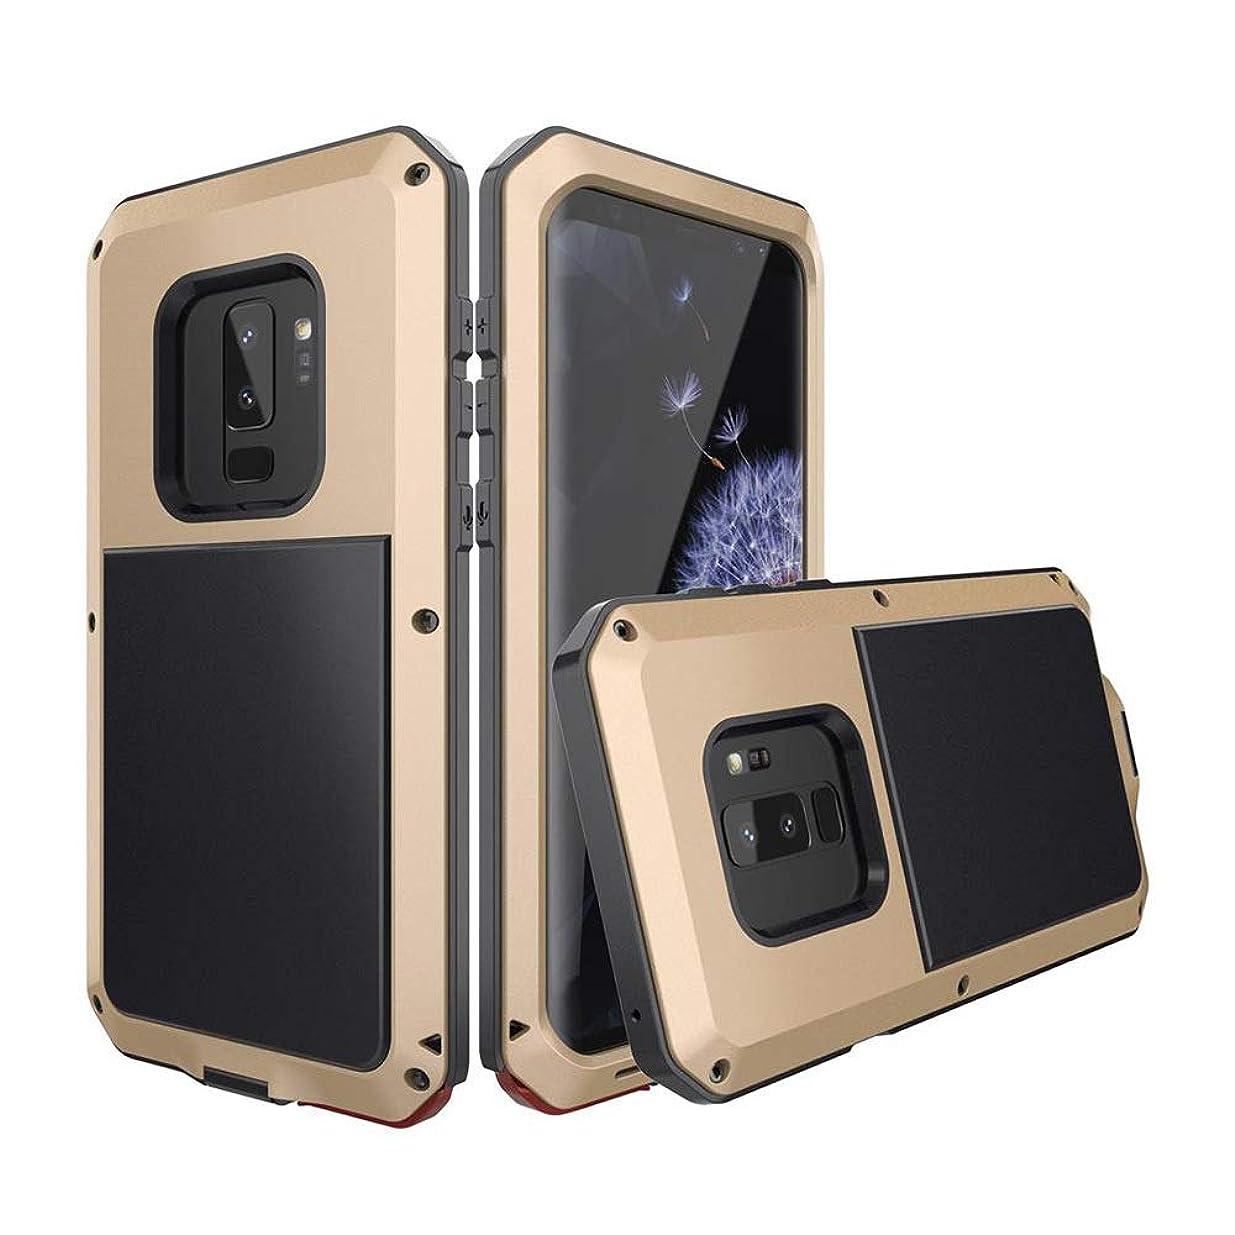 雄弁手段モザイクTonglilili 電話ケース、サムスンS9、S9プラス、S8、S8プラス、S7、S7エッジ、S6、S6エッジ、S5のための3つの抗携帯電話ケース防水アンチドロップ金属保護カバー電話ケース (Color : ゴールド, Edition : S7)